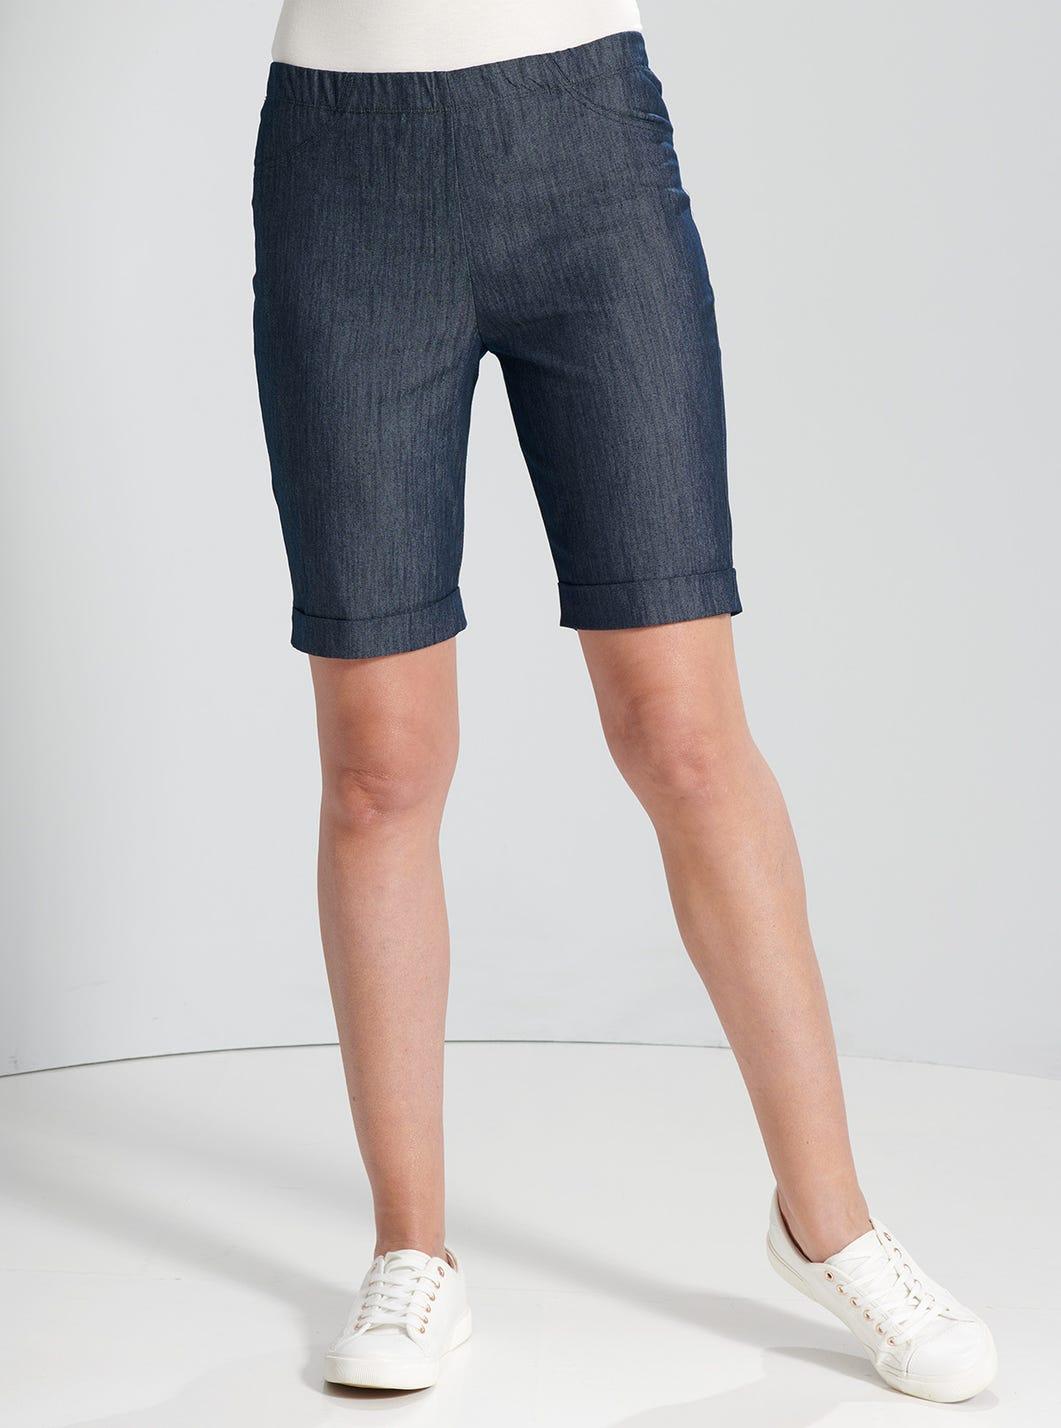 Stretch Denim City Shorts